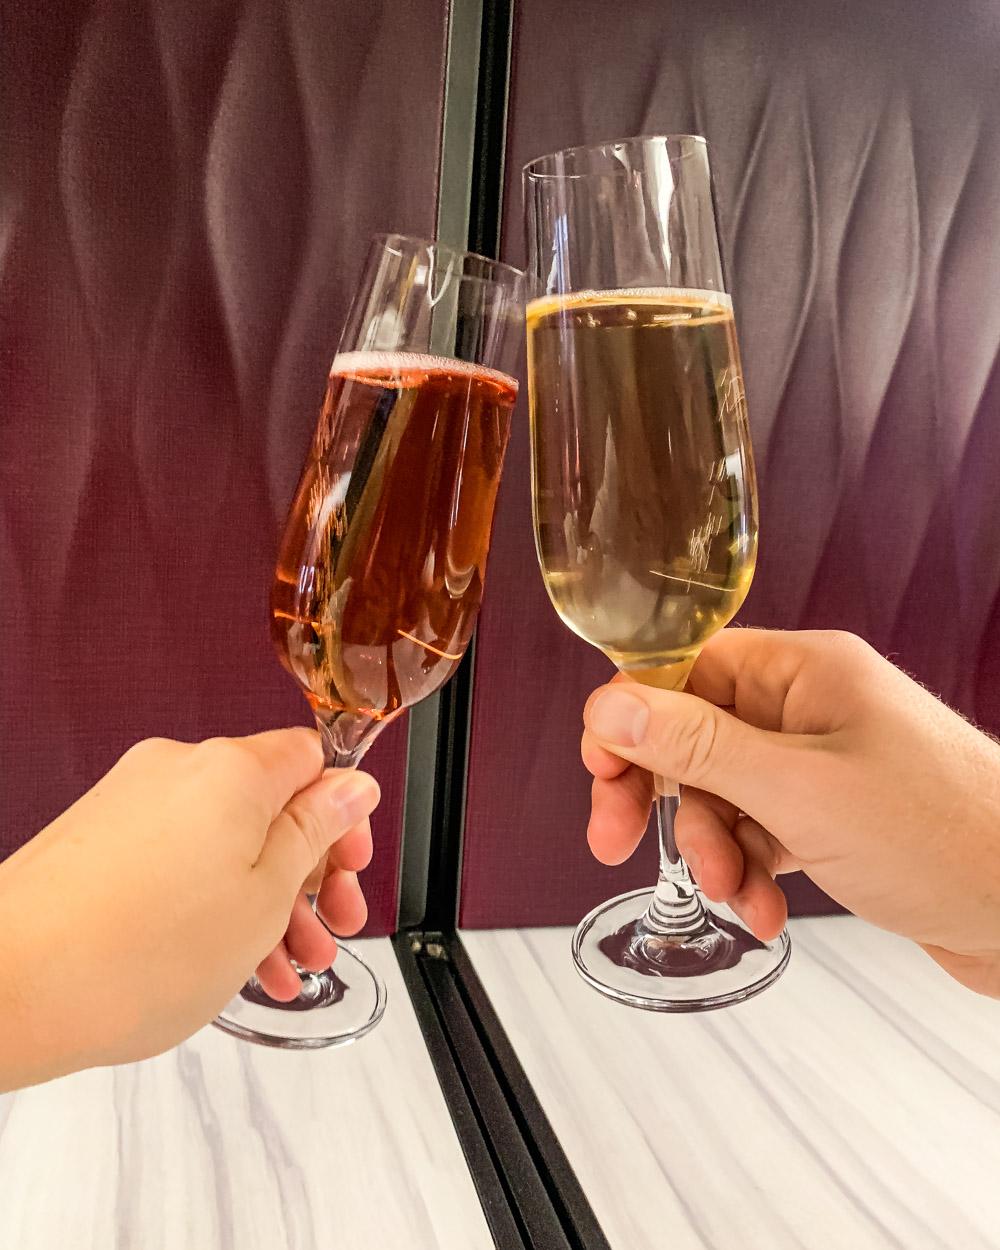 Qatar Airways Welcome drink business class